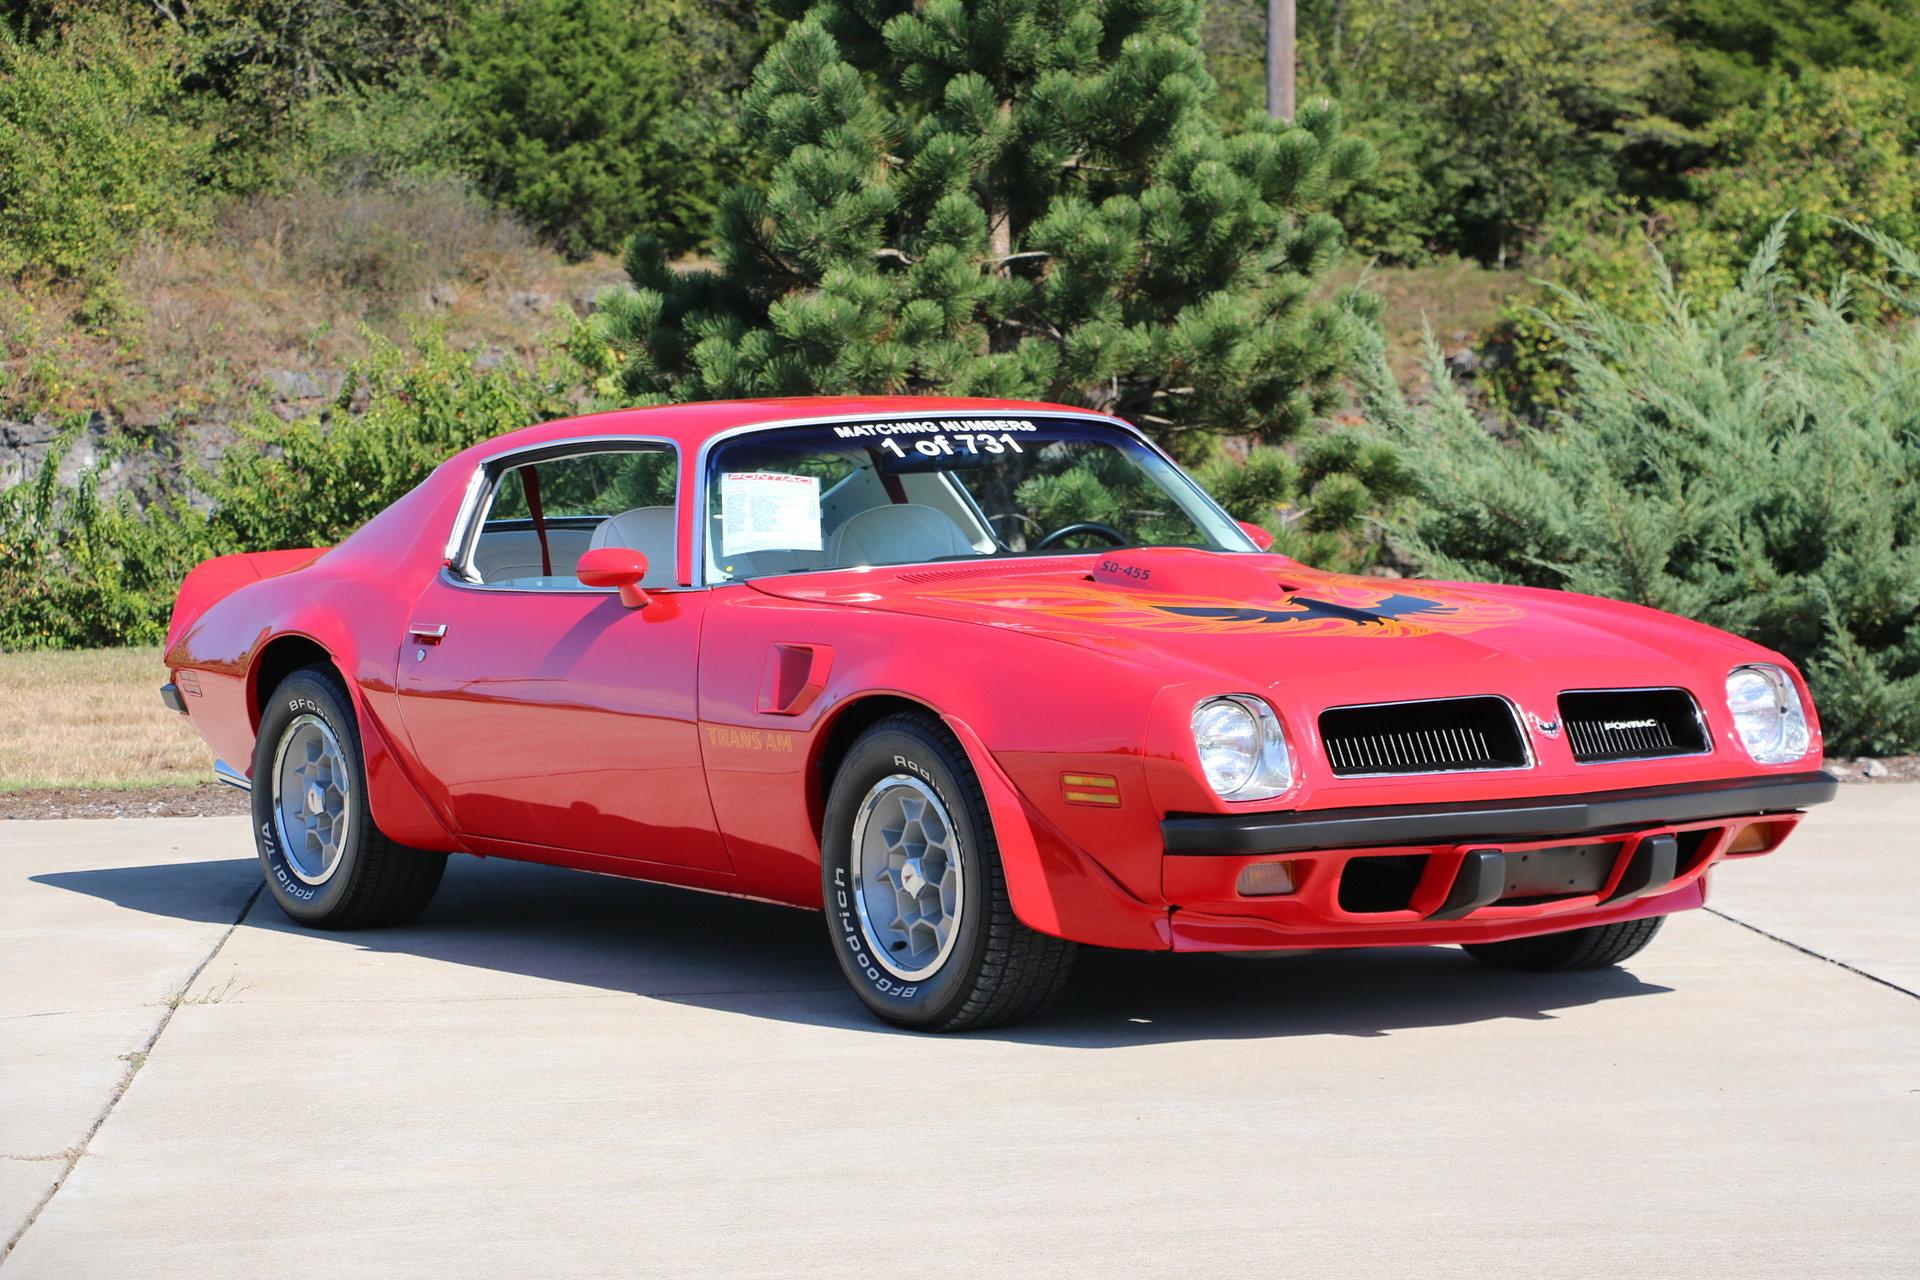 1974 Pontiac Trans Am for sale #69826 | MCG